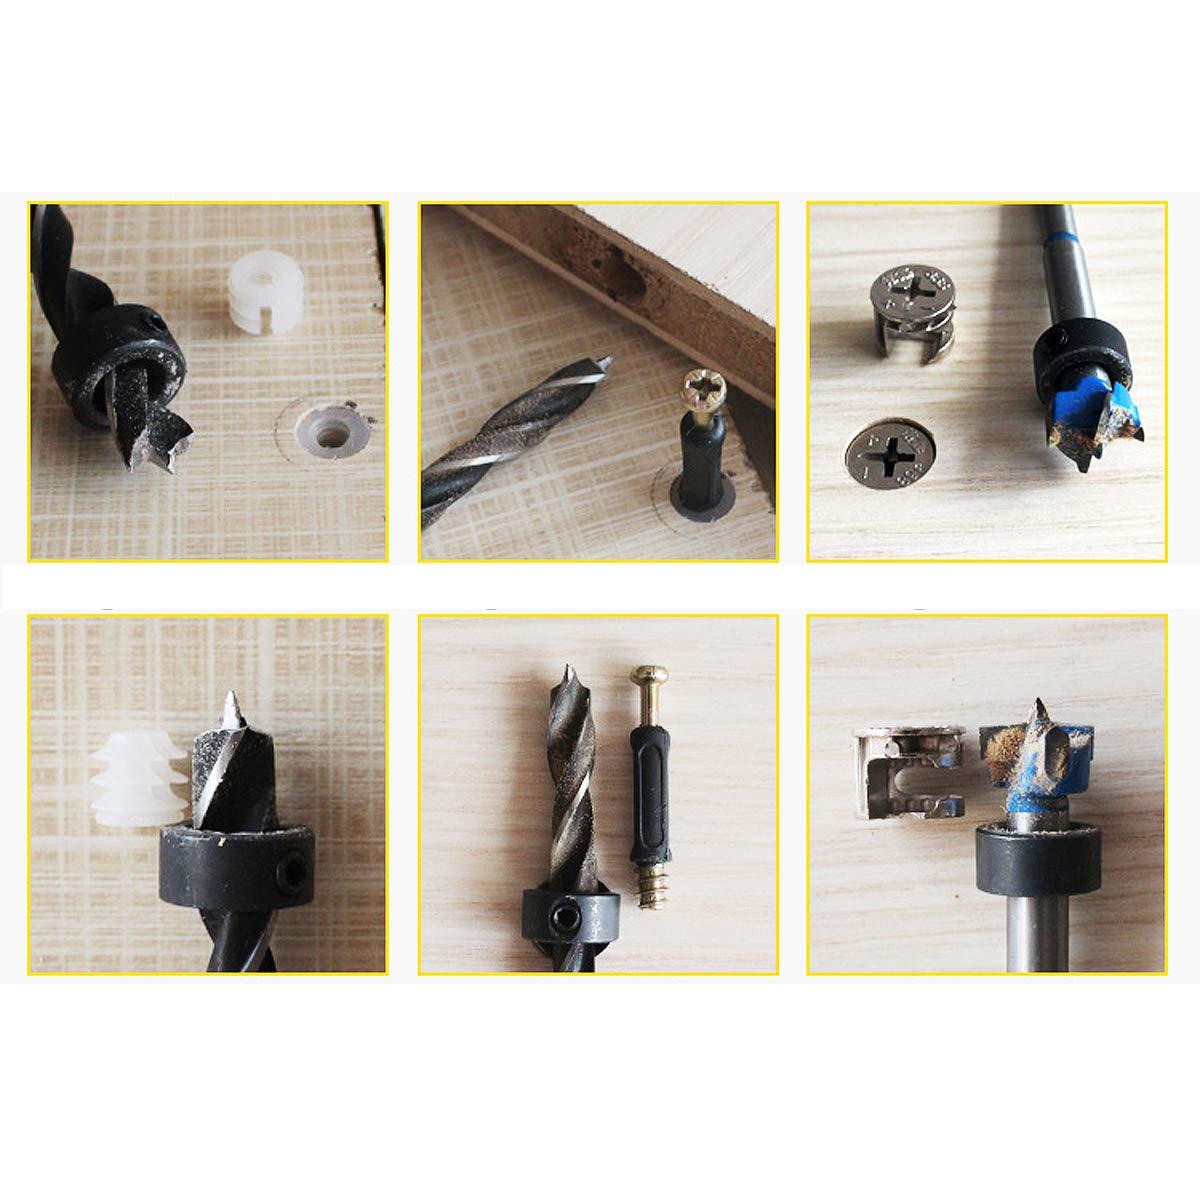 outils de trou et de ton argent pour le d/émontage et linstallation de meubles OD ajustement de la came de roue longueur diam/ètre excentrique 50 ensembles de meubles reliant 15 mm 40 mm